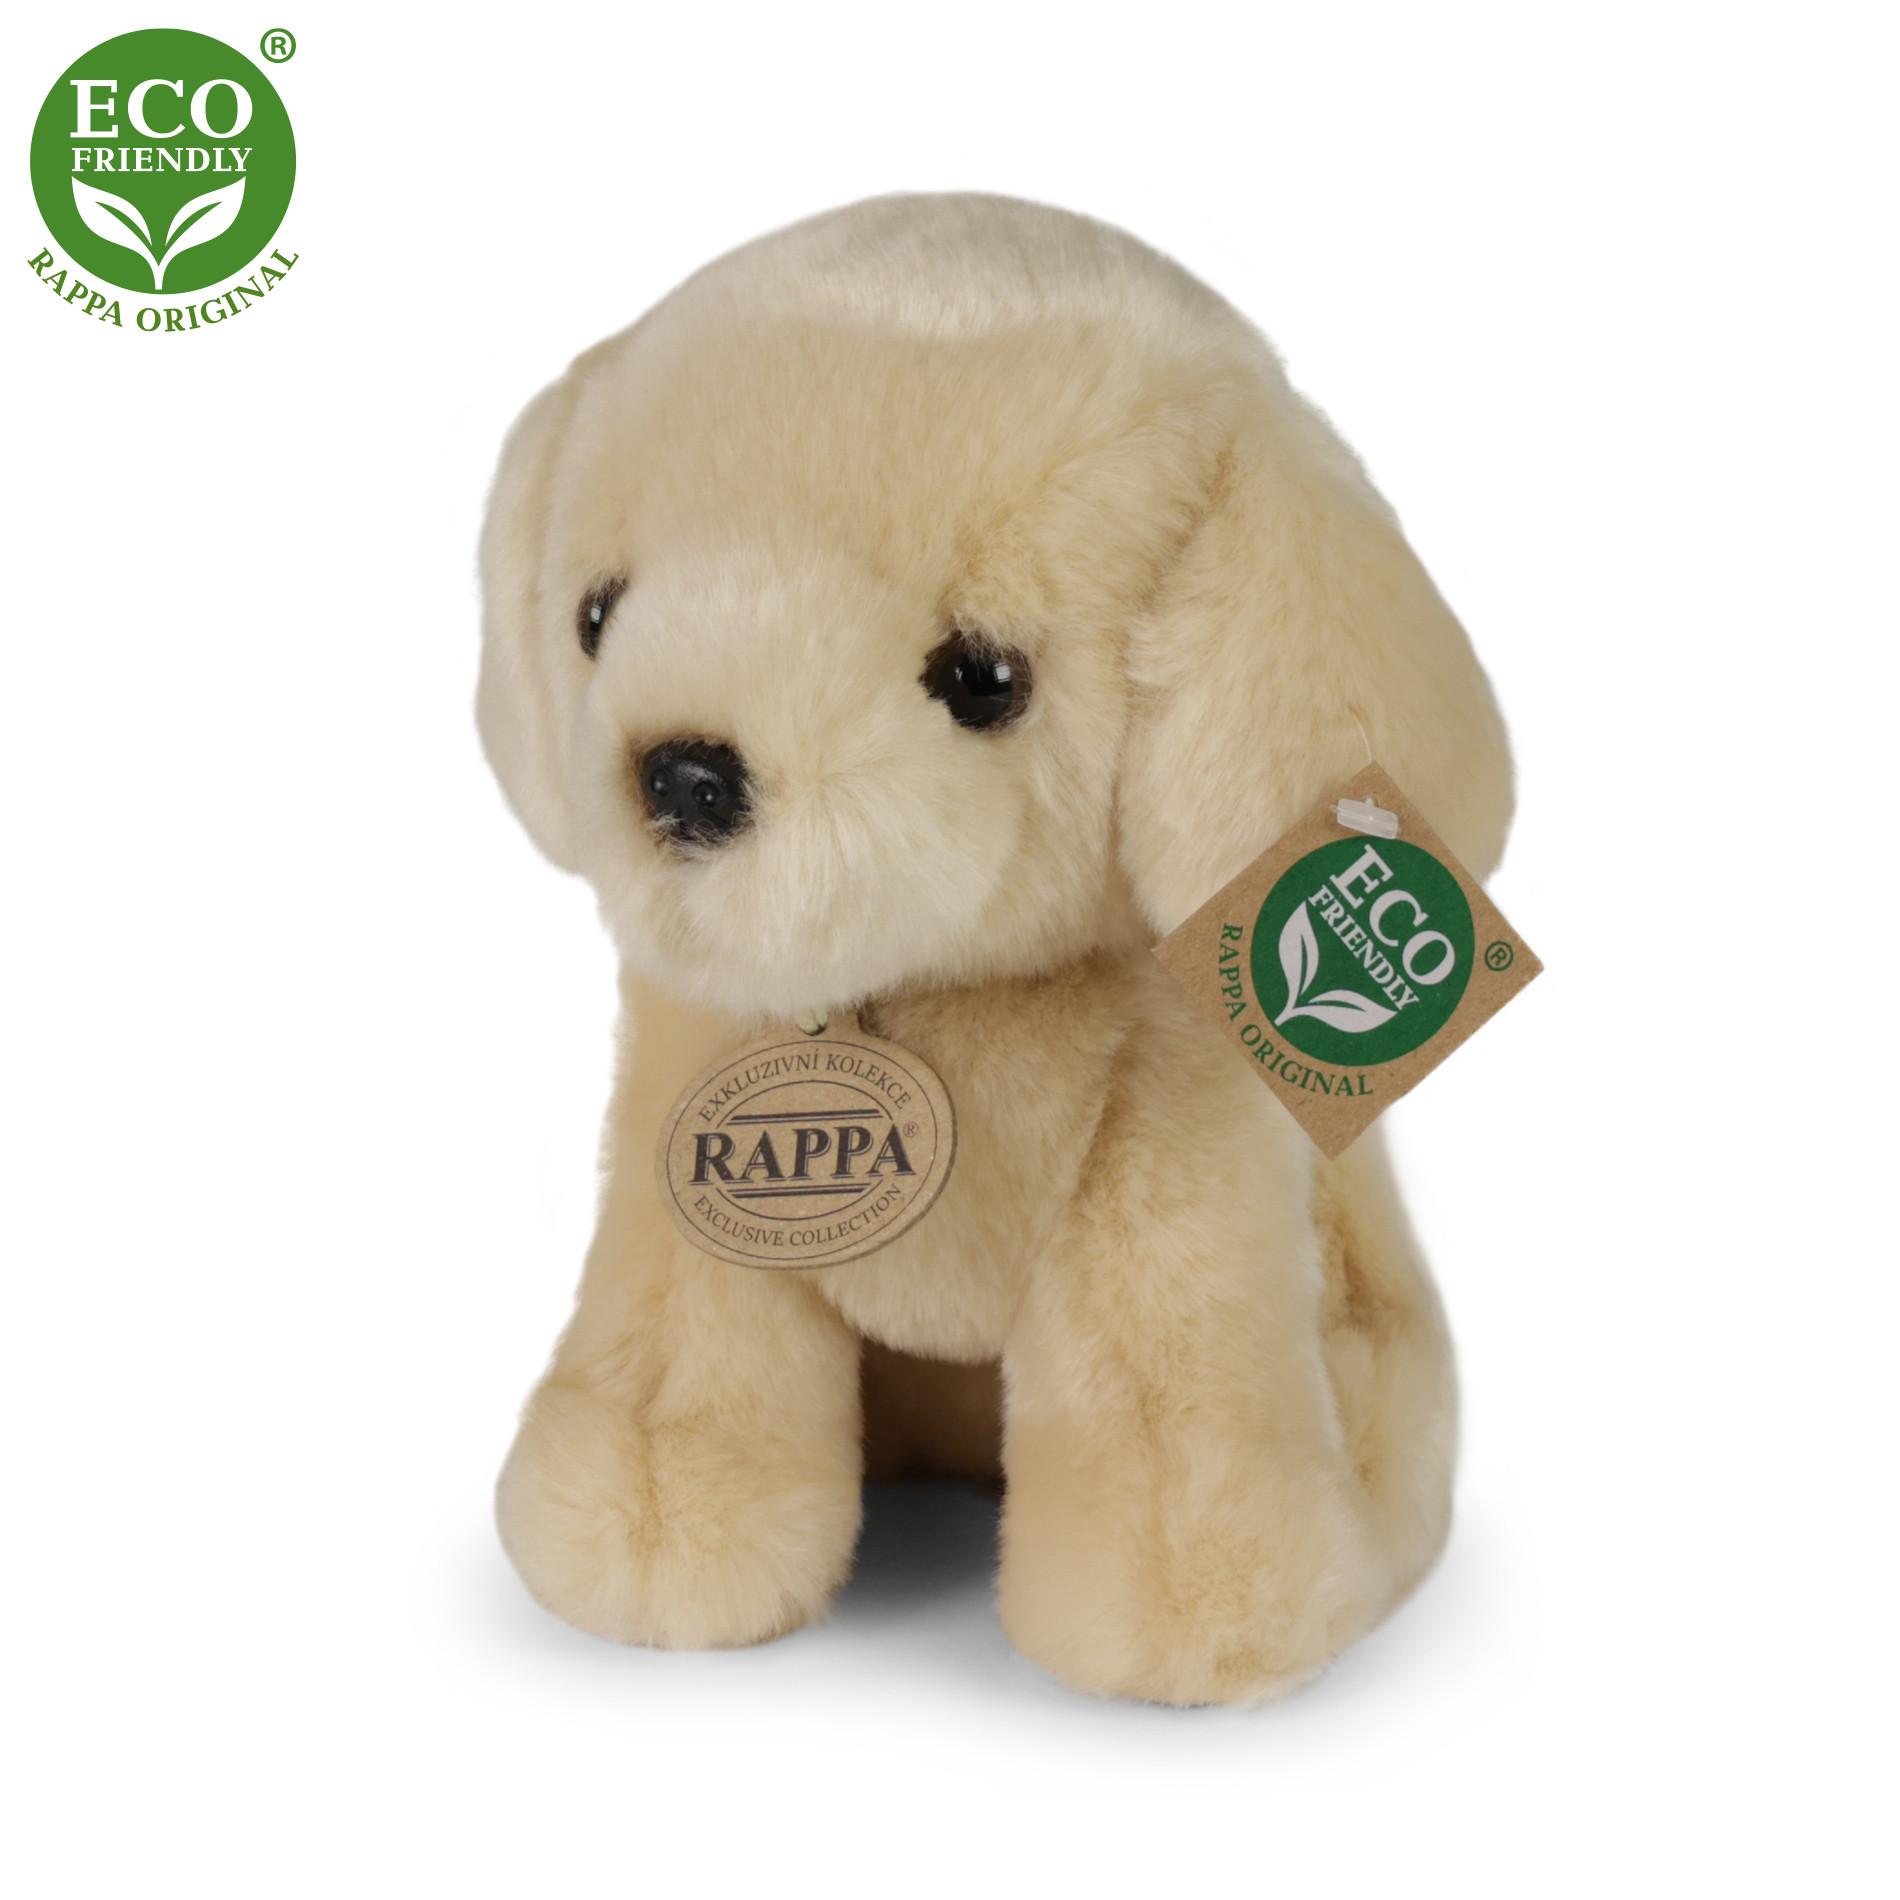 Plyšový pes labrador 18 cm ECO-FRIENDLY